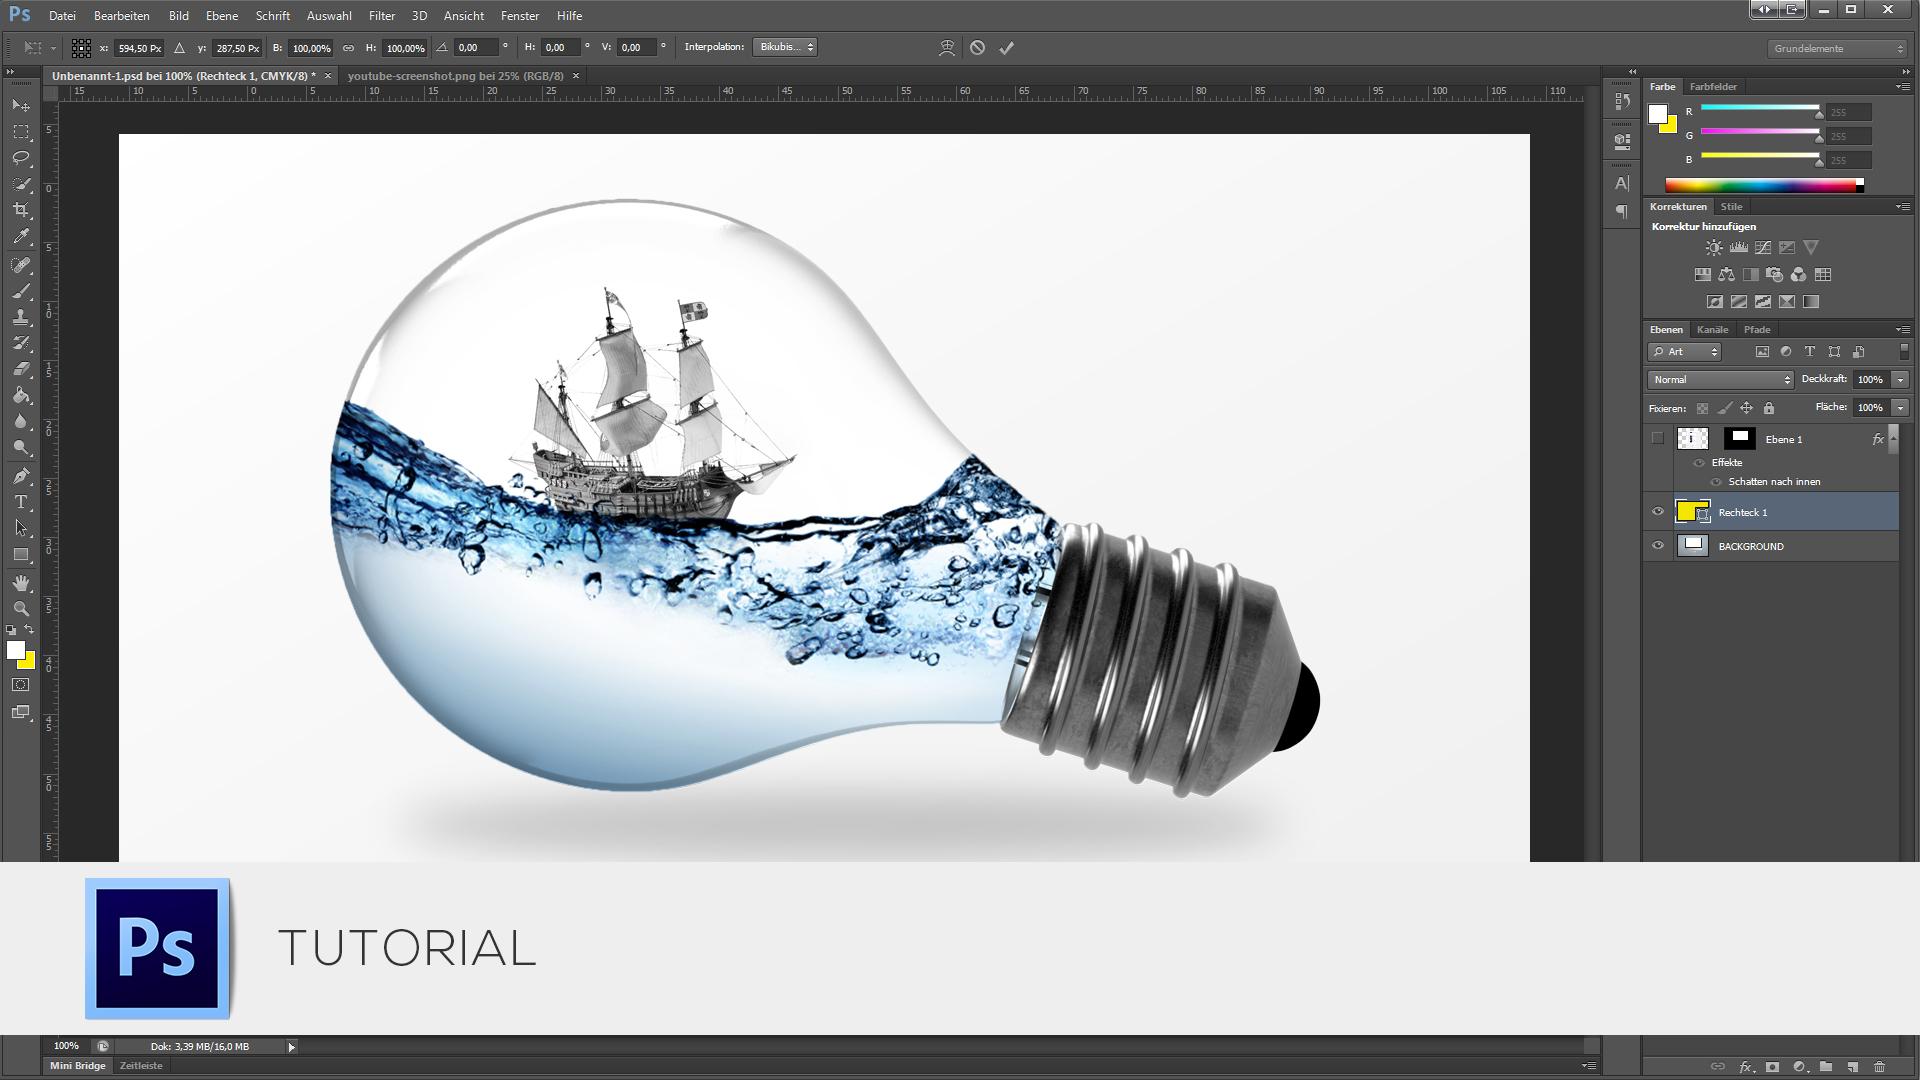 Photoshop Tutorial - Wasser und Schiff in einer Glühbirne